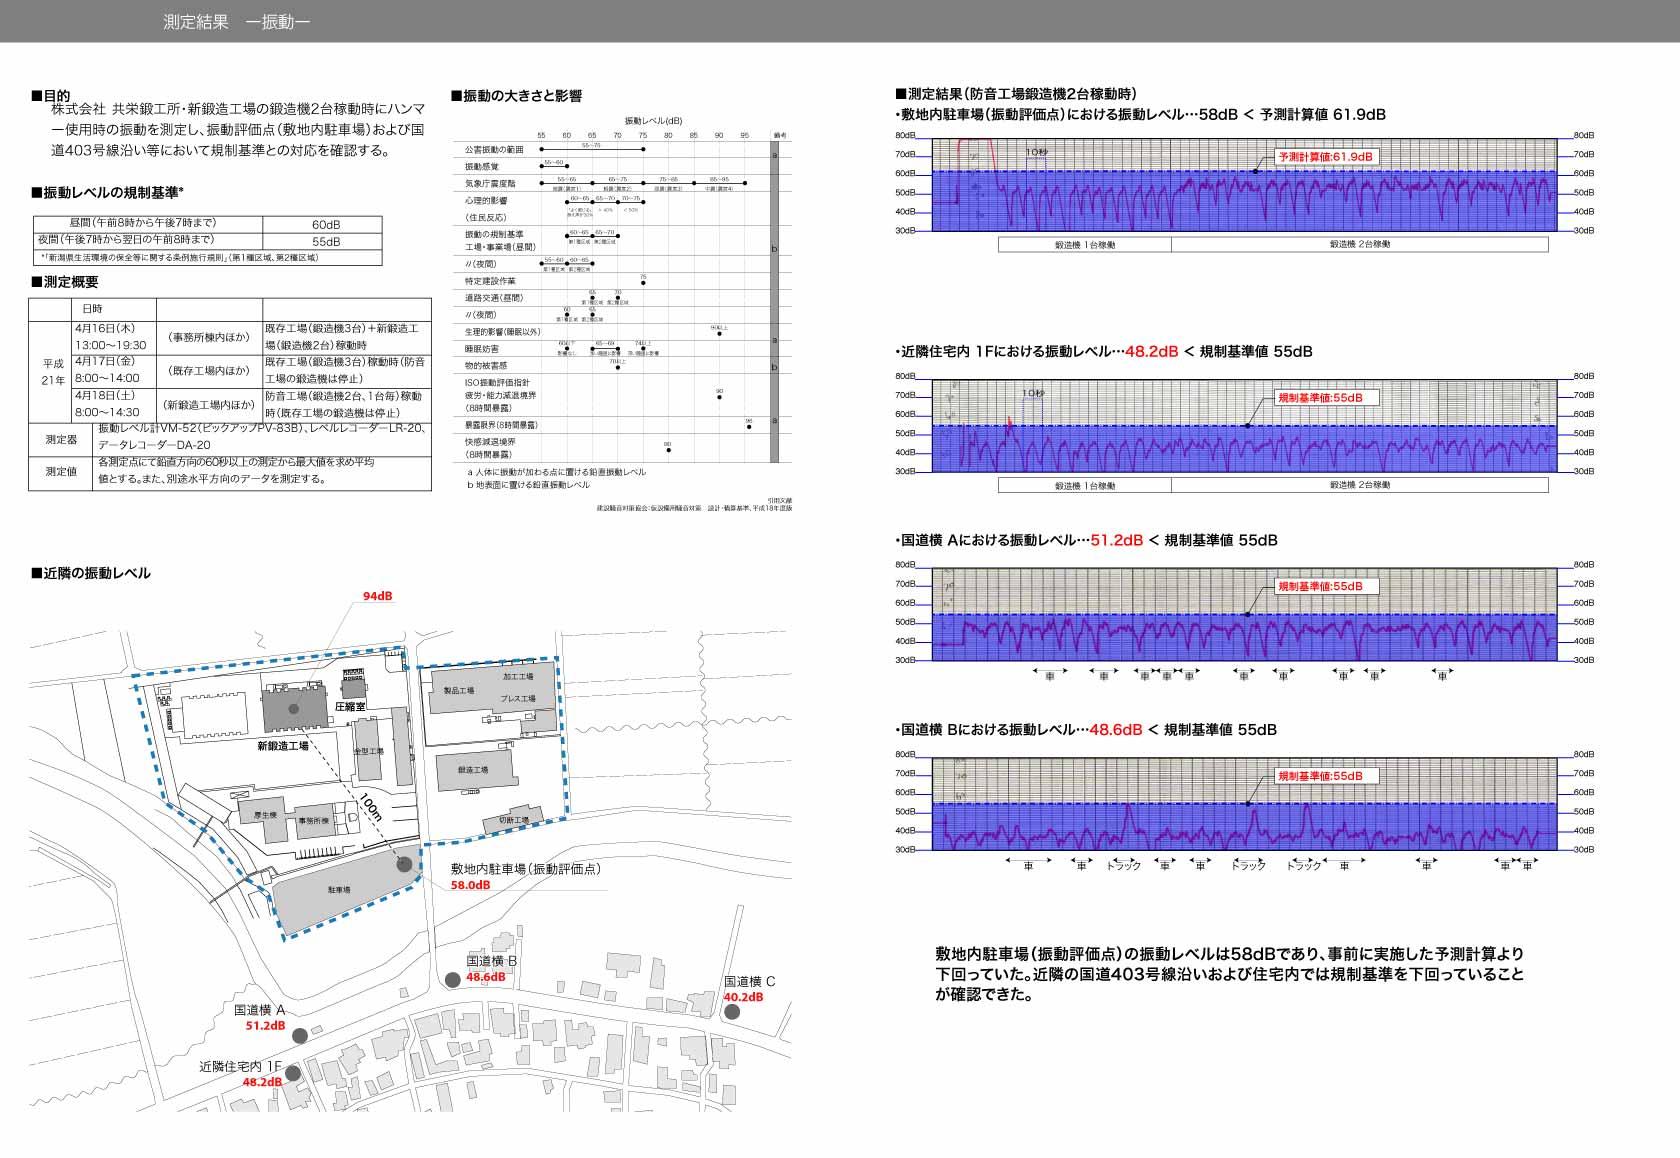 新鍛造工場43-測定結果-振動